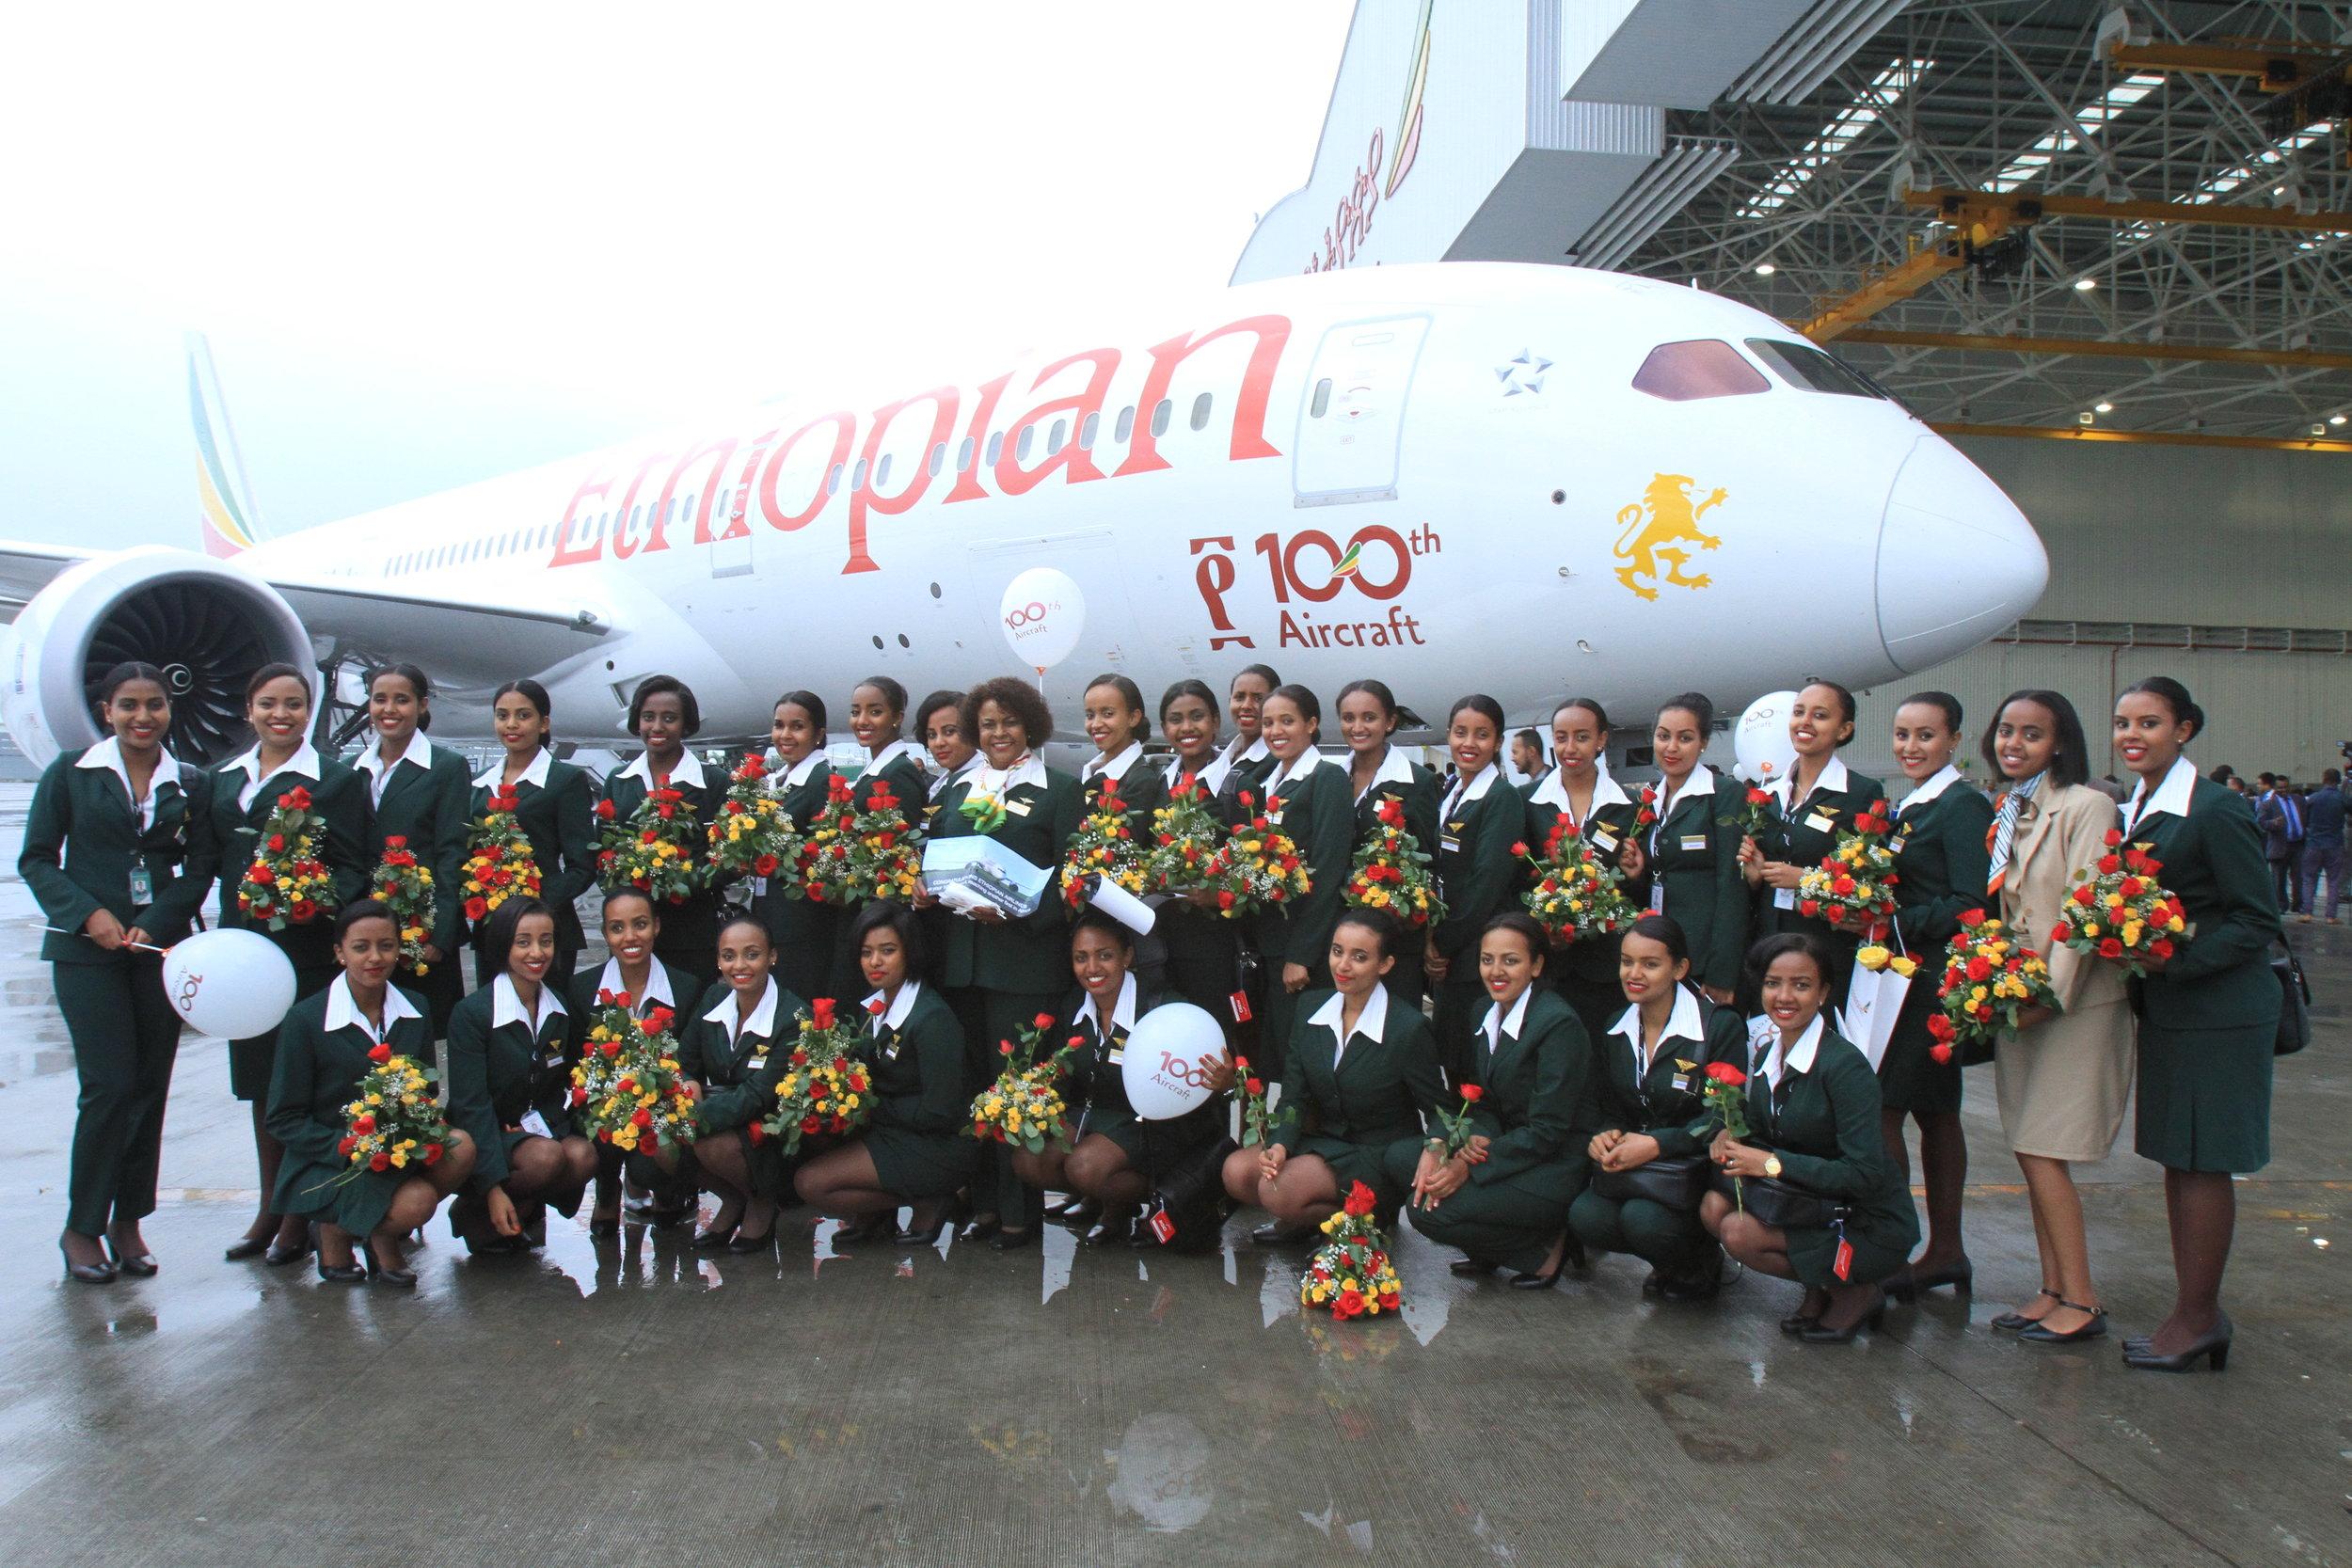 Picture: Ethiopian Airlines